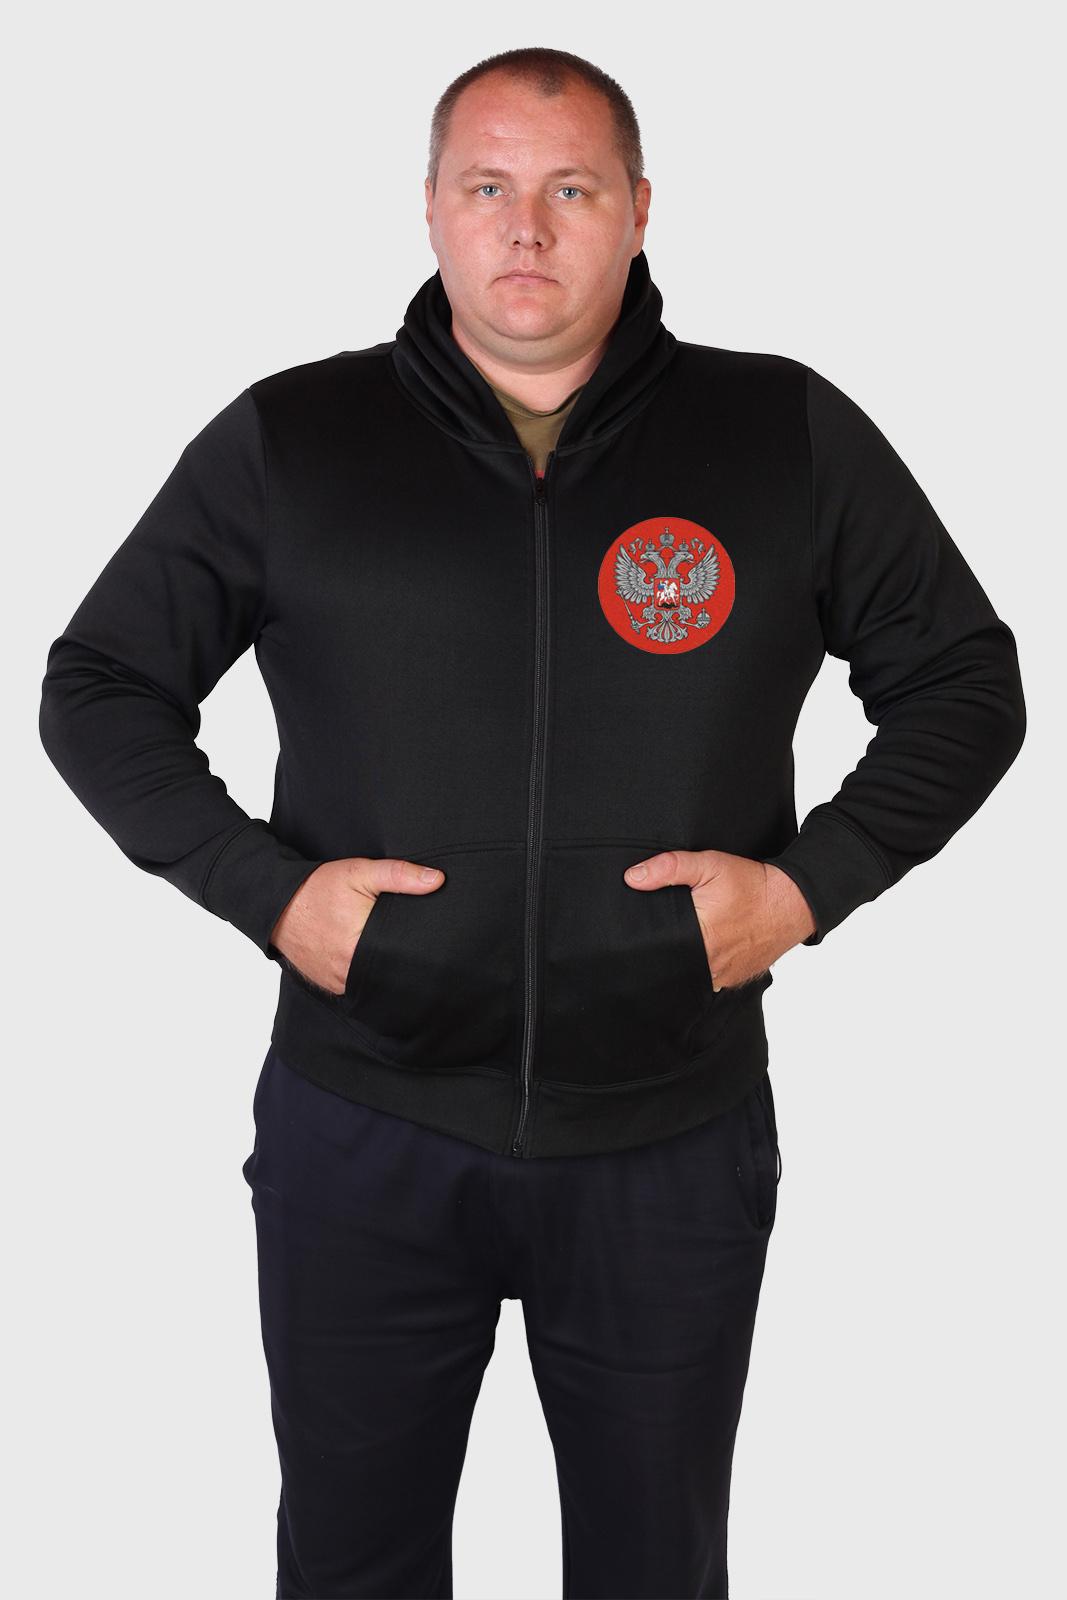 Патриотическая мужская толстовка с вышитым гербом России.